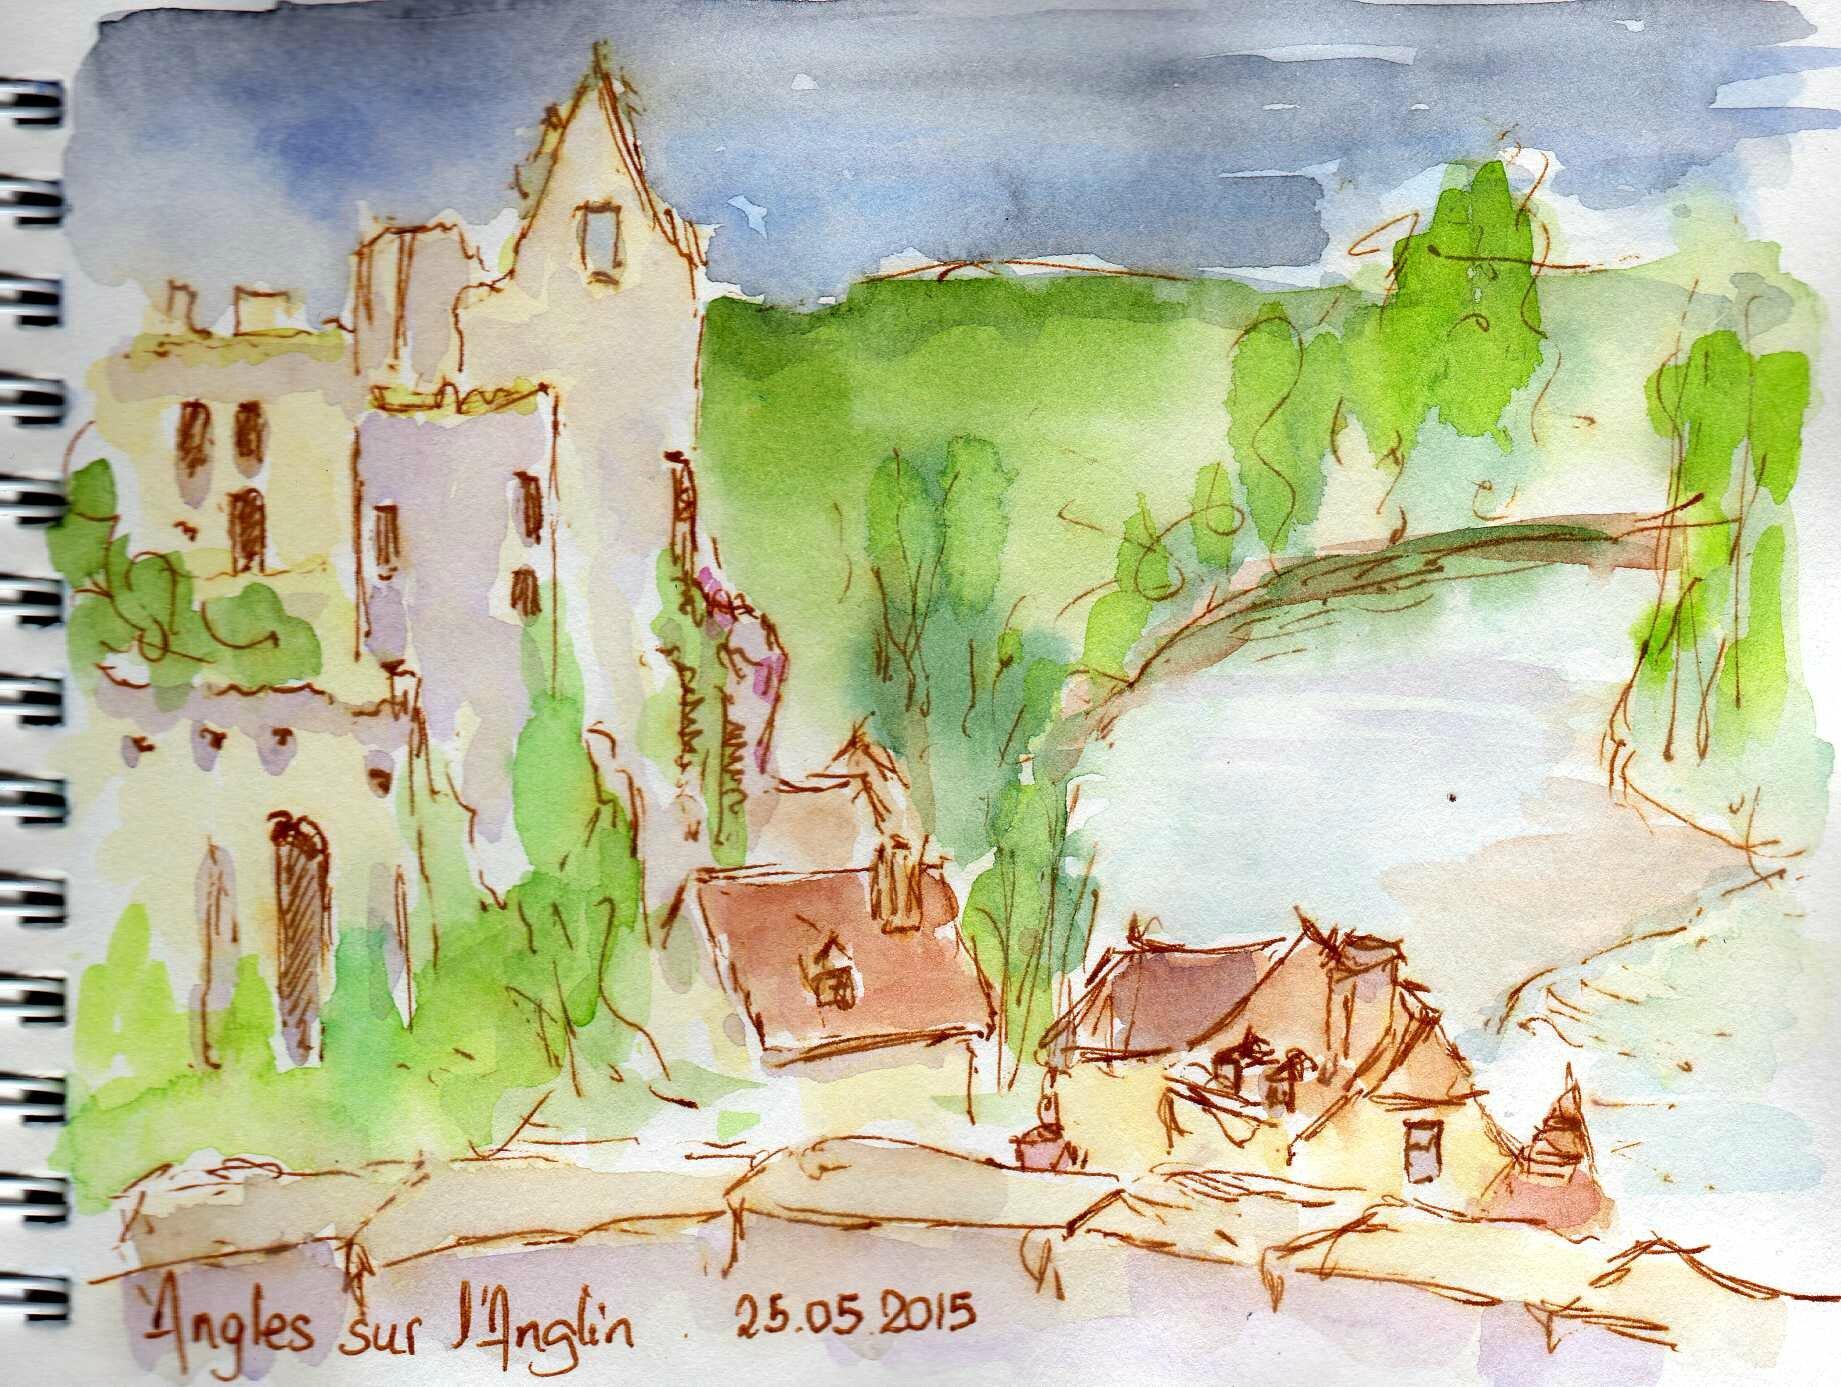 033_Angles_sur_l'Anglin